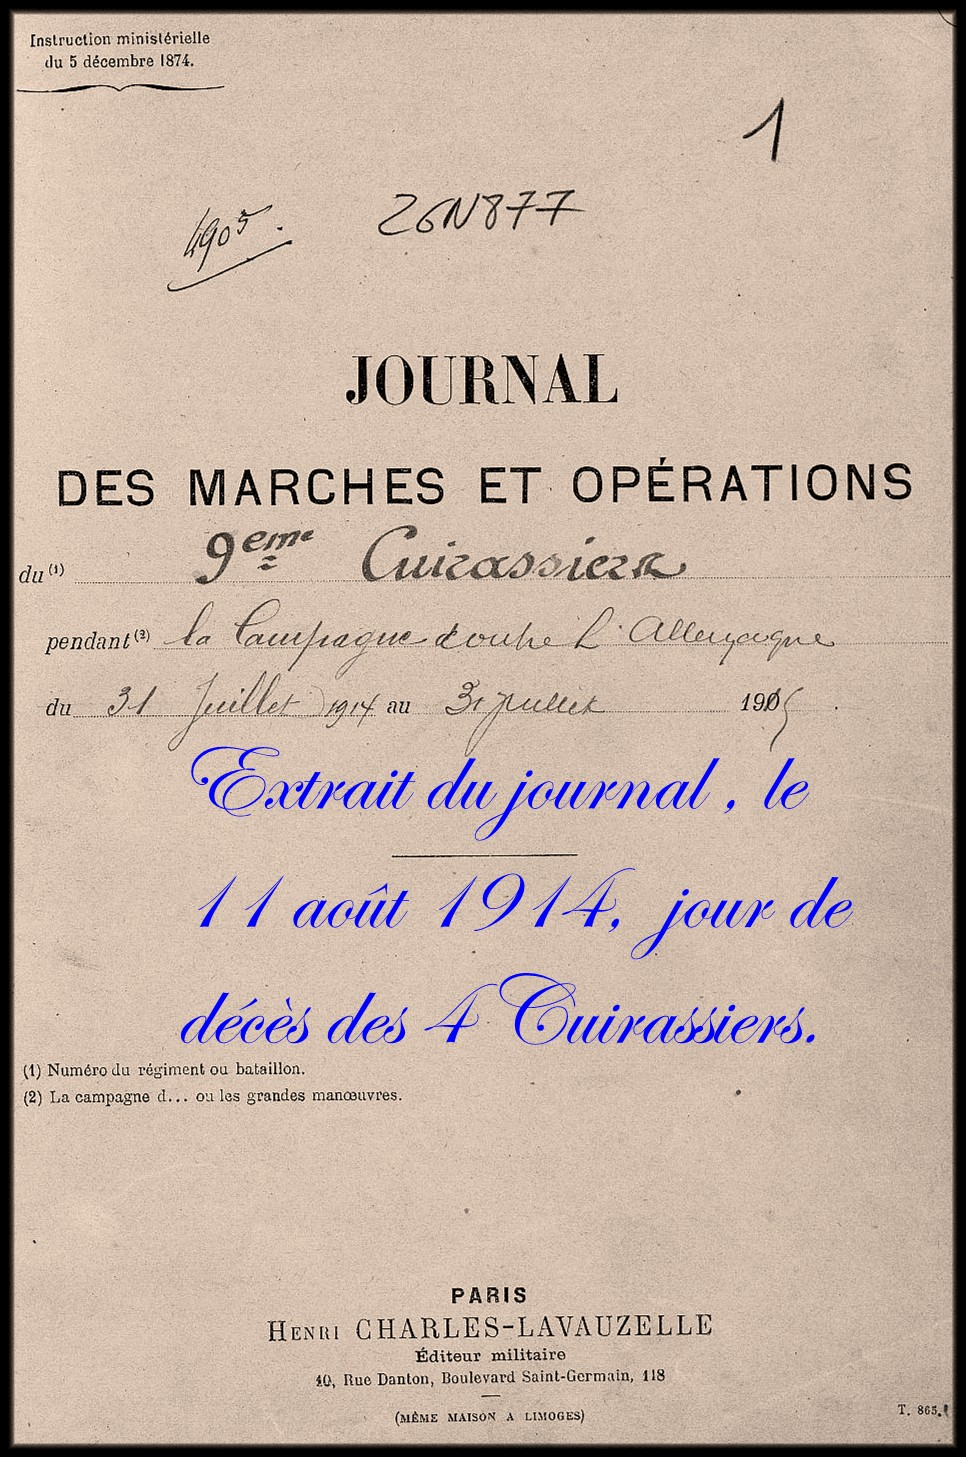 site 01journal des opérations 9ème cuirassier